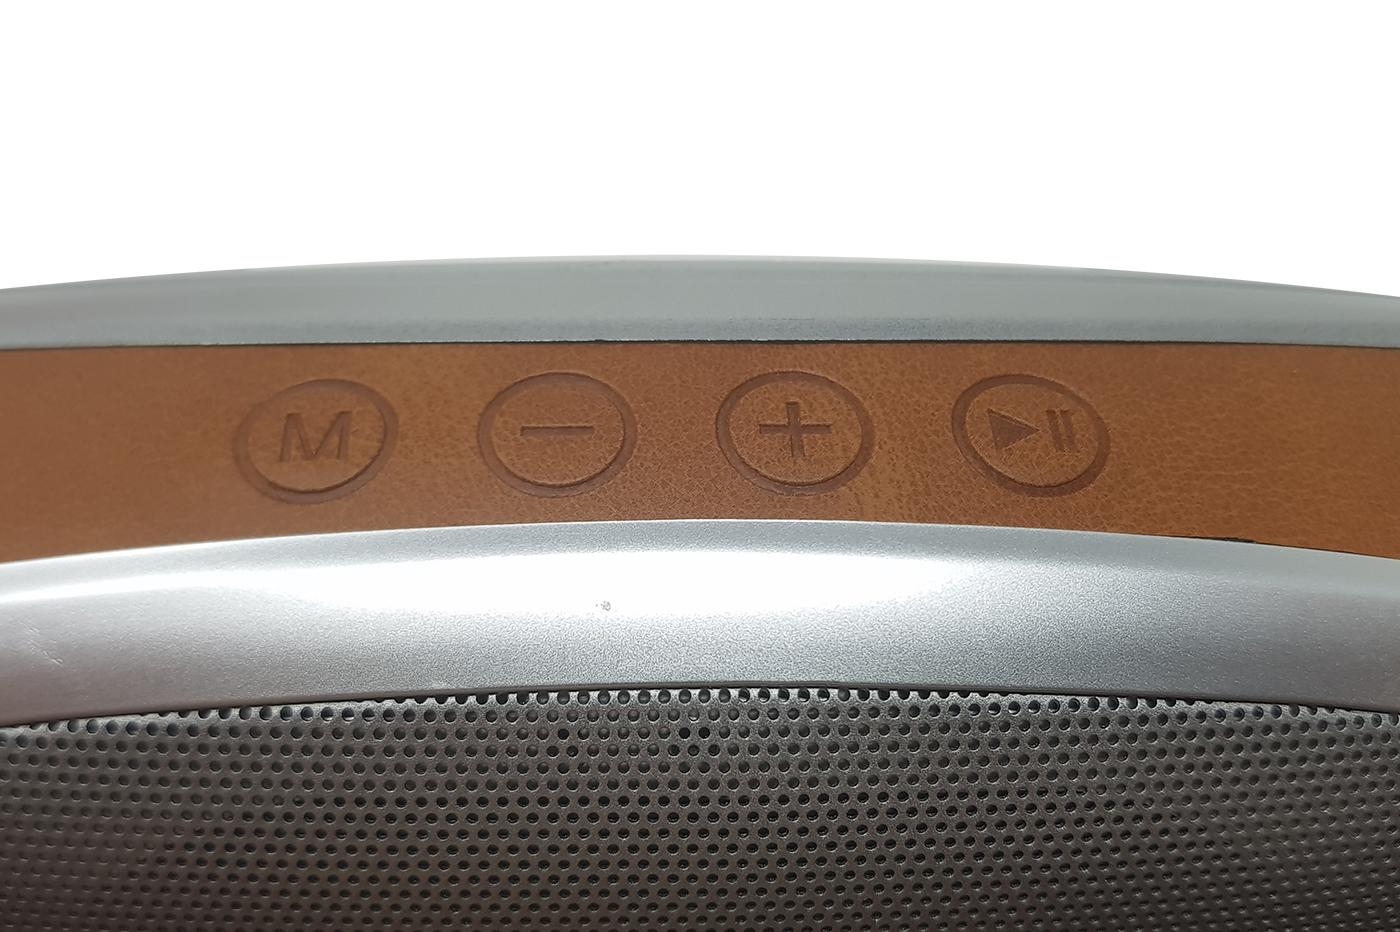 Plafoniera Con Altoparlante : Bes 24008 casse e diffusori hi fi beselettronica speaker cassa